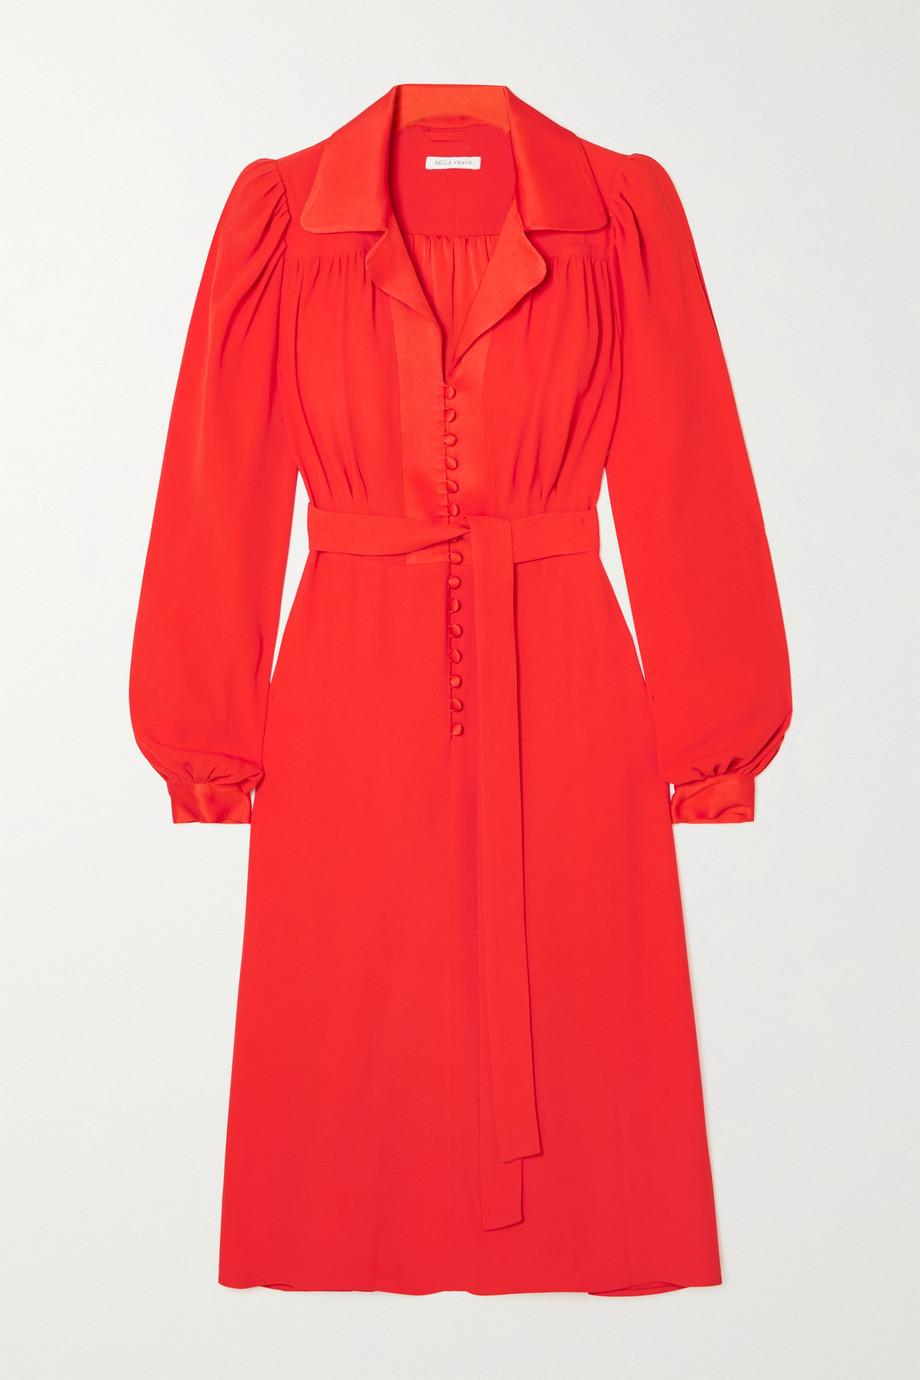 Bella Freud Floria belted crepe shirt dress